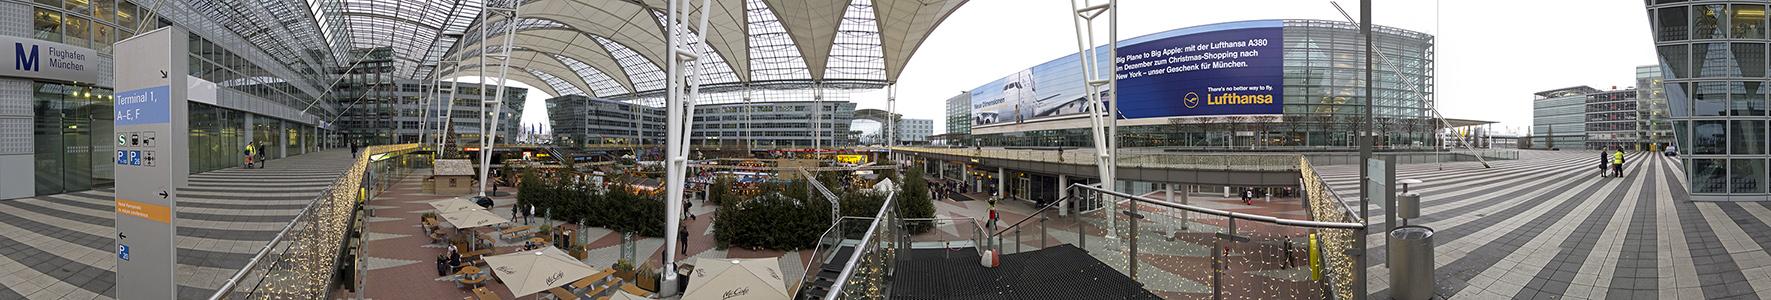 München Flughafen Franz Josef Strauß: Munich Airport Center (MAC) - Weihnachtsmarkt Flughafen Franz Josef Strauß